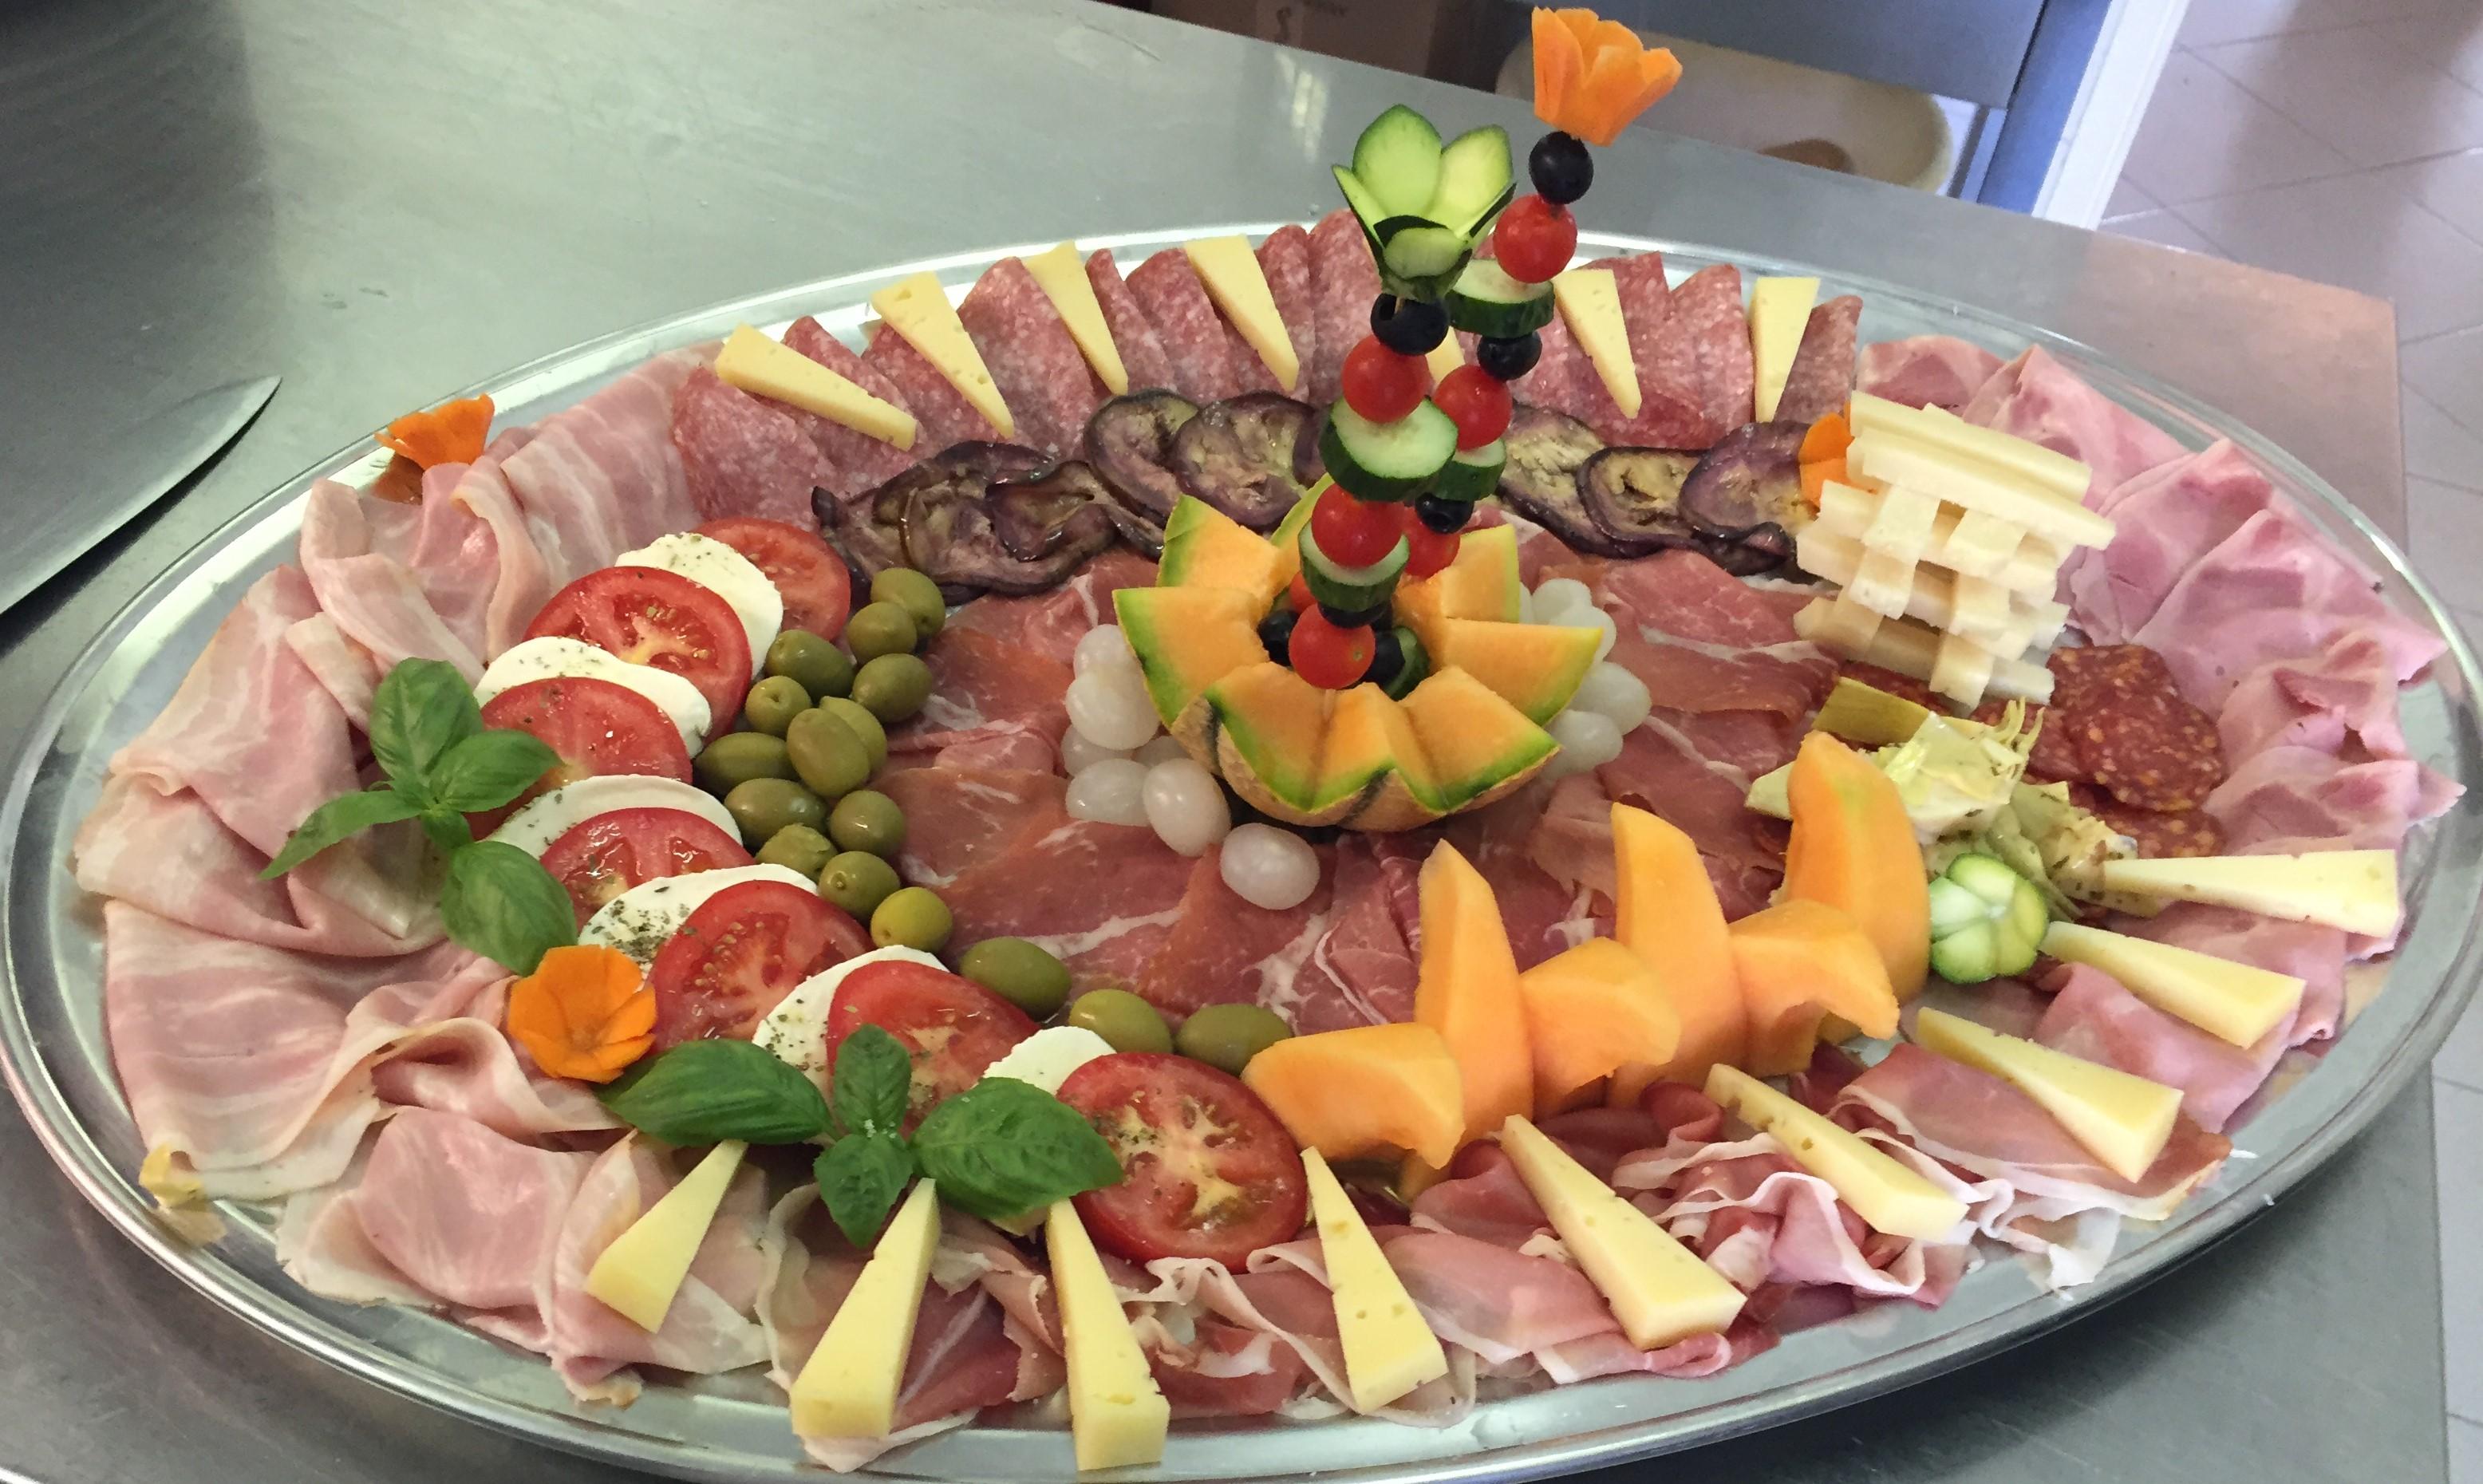 Affettato misto con crudo e melone, salumi, olive e formaggi